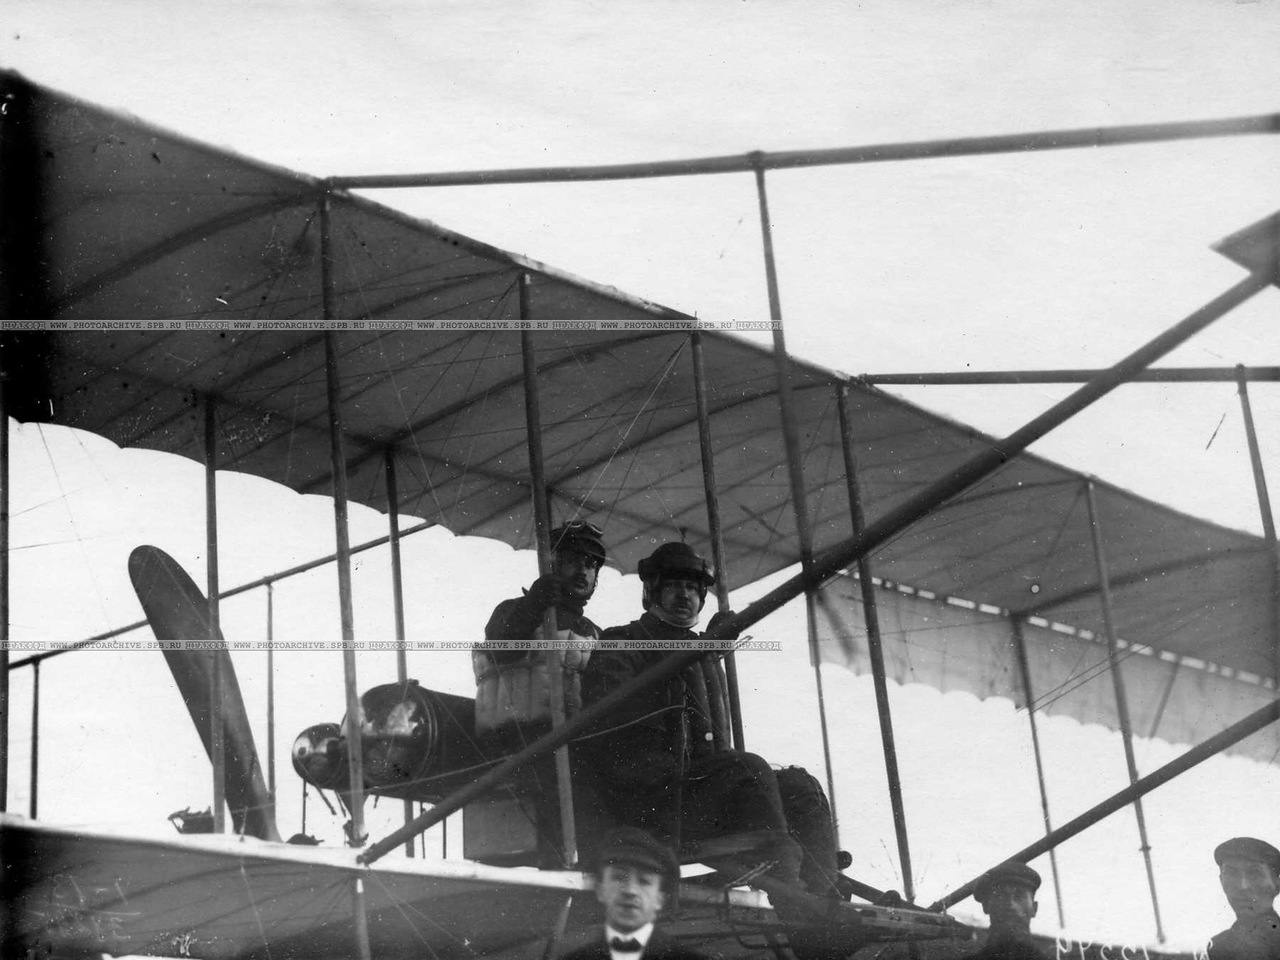 0_aab52_66fe8dc3_XXXLАвиаторы  Масляников Б.С. и Янковский Г.В. в аэроплане перед перелётом.